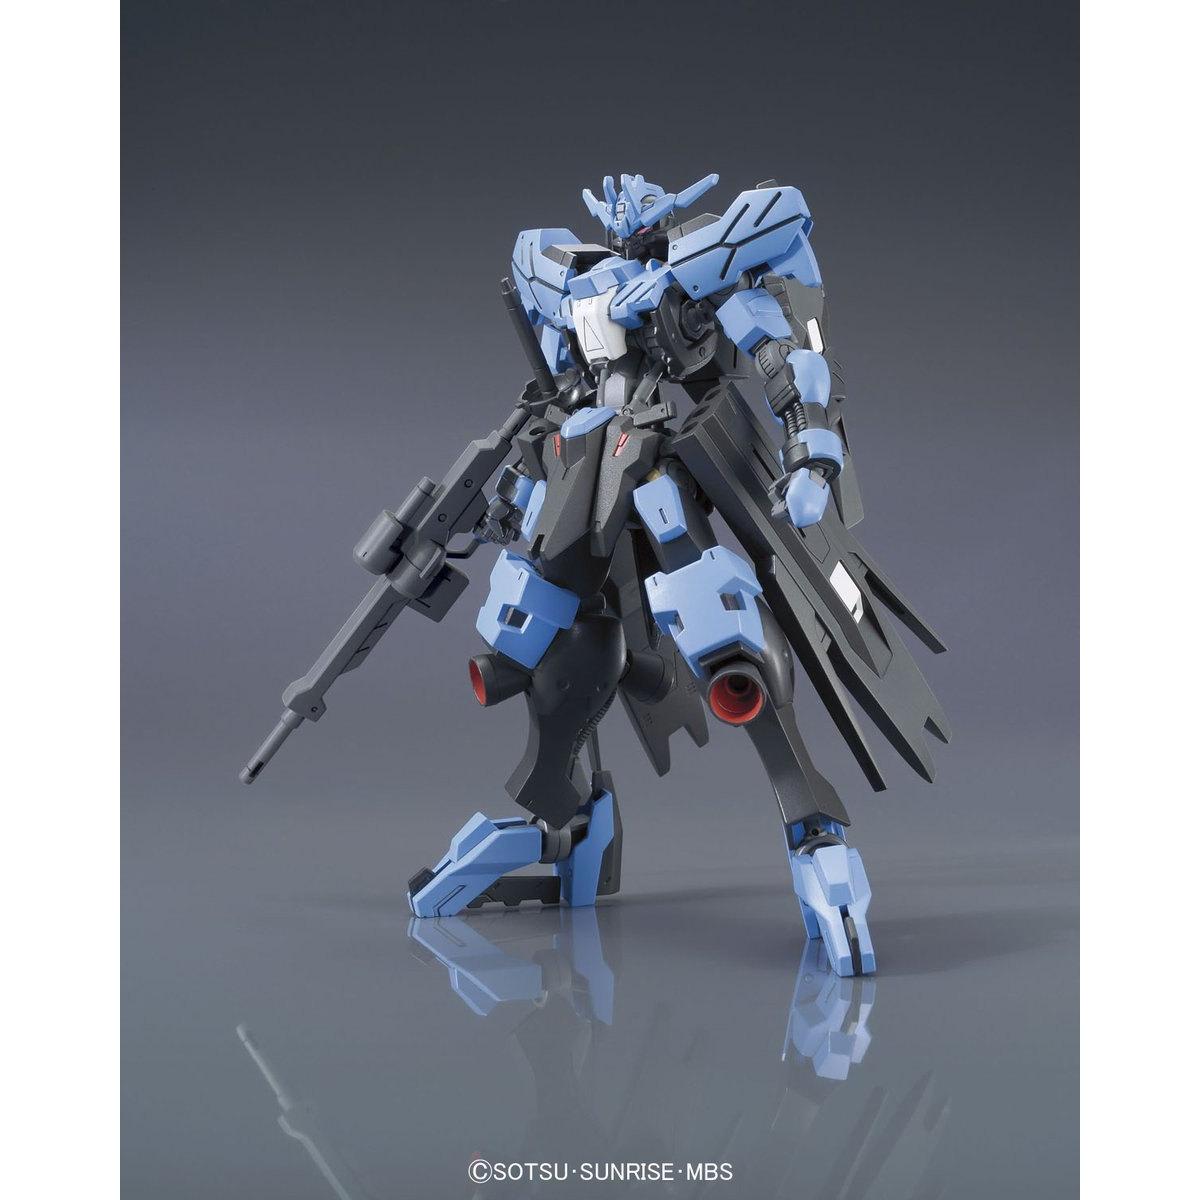 HG 1/144 ASW-G-XX ガンダムヴィダール [Gundam Vidar] 5055448 0212193